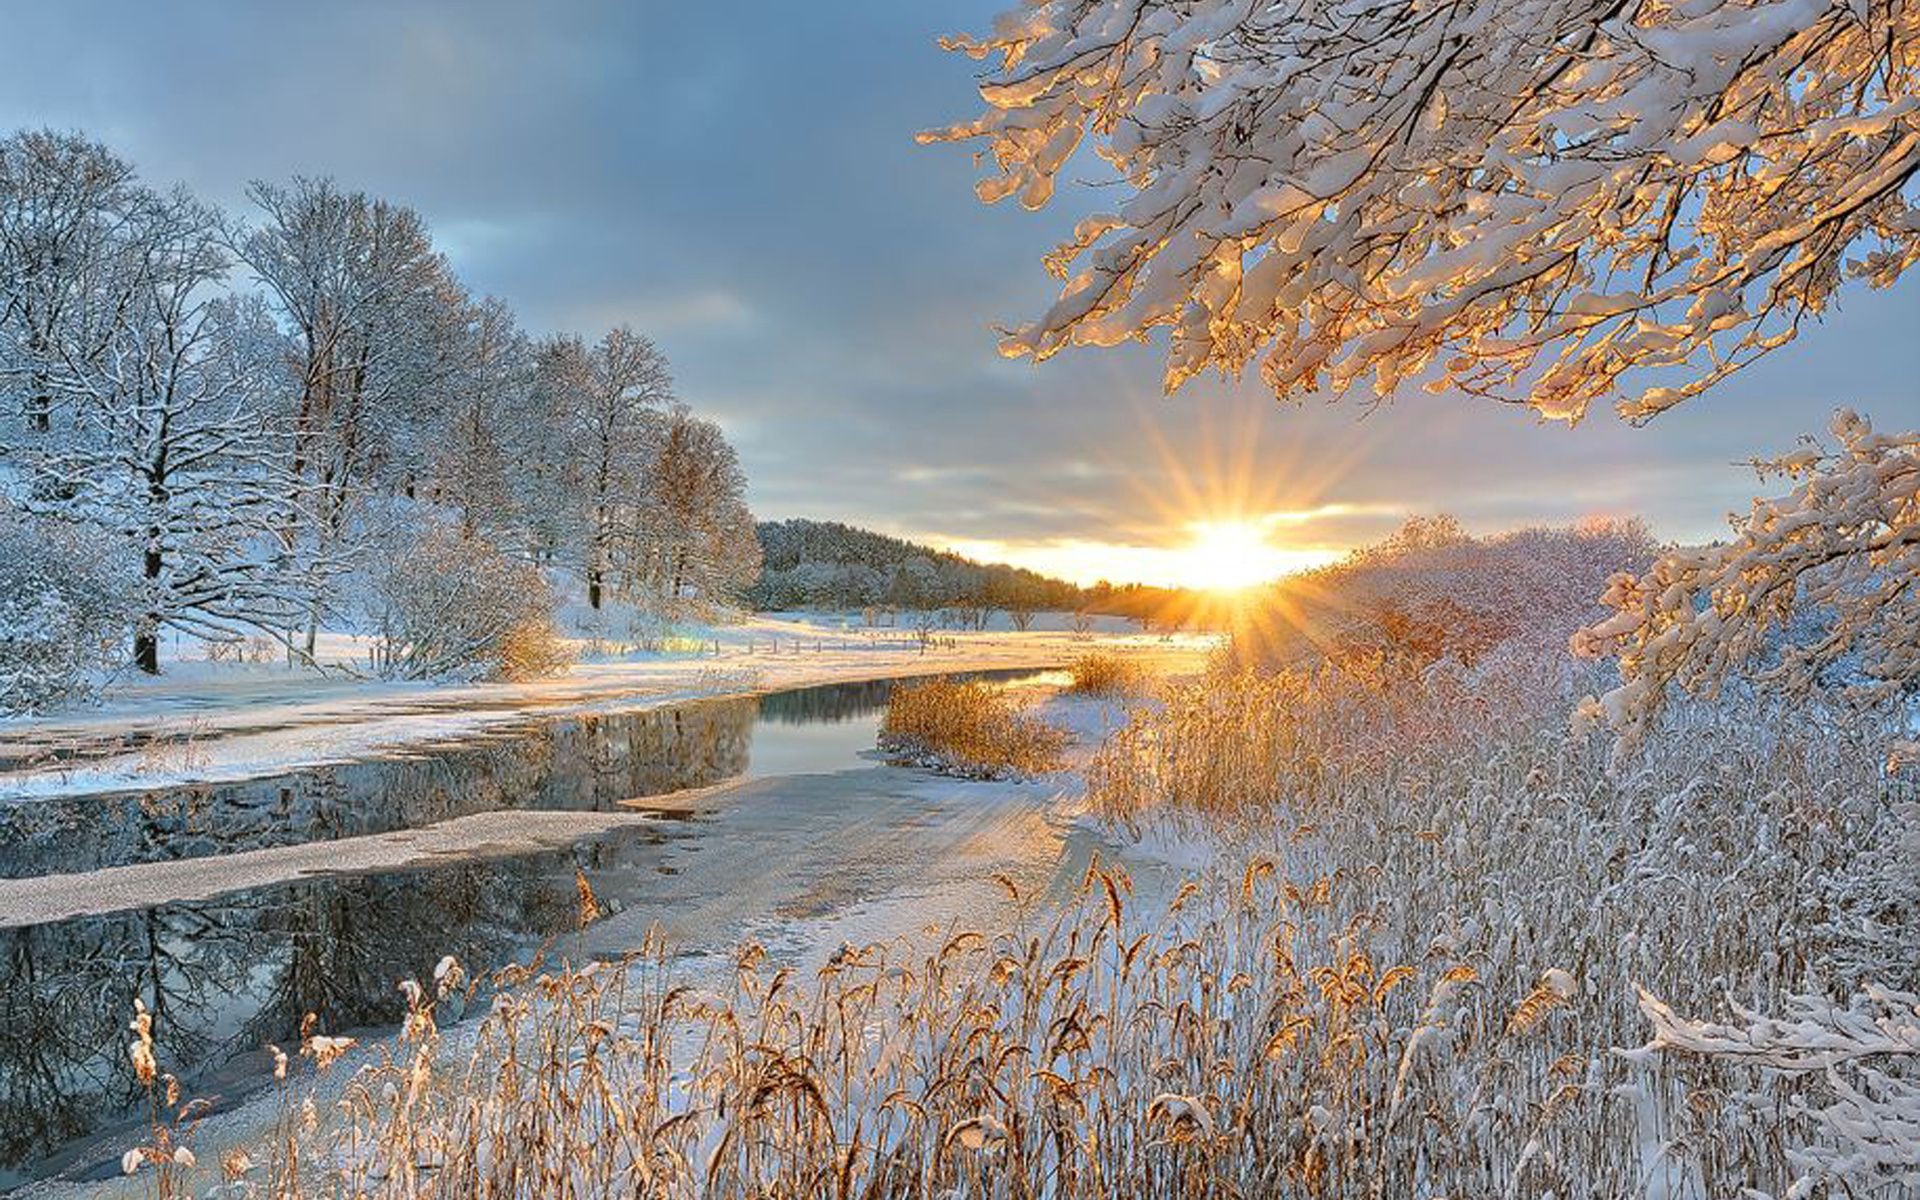 картинки пейзажи ноября для календаря